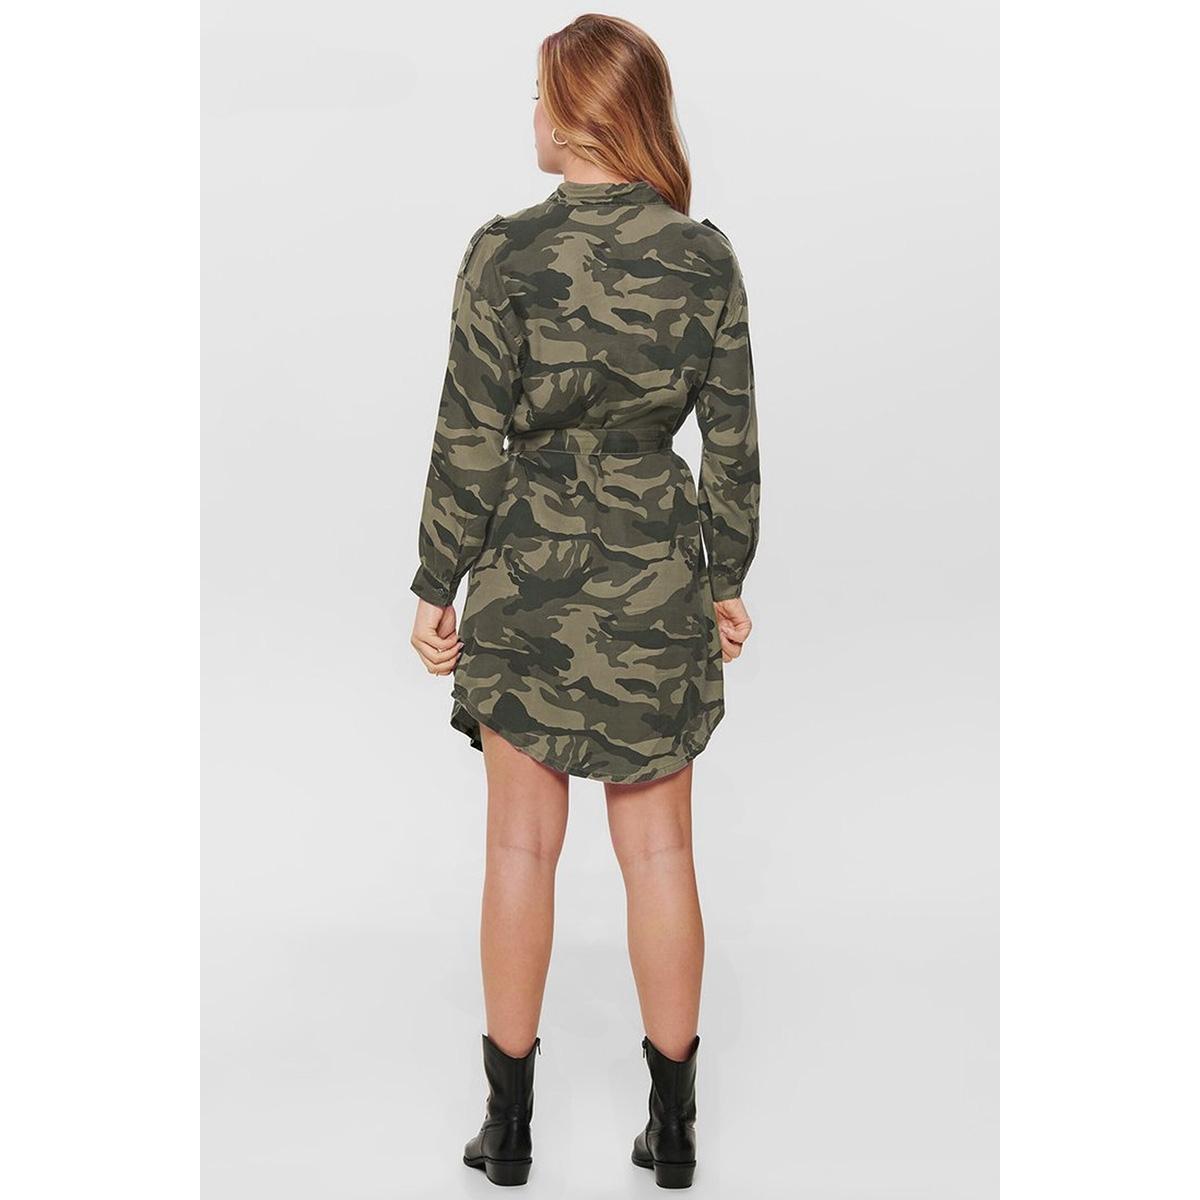 onluna oversized shirt dress wvn 15191753 only jurk kalamata/military